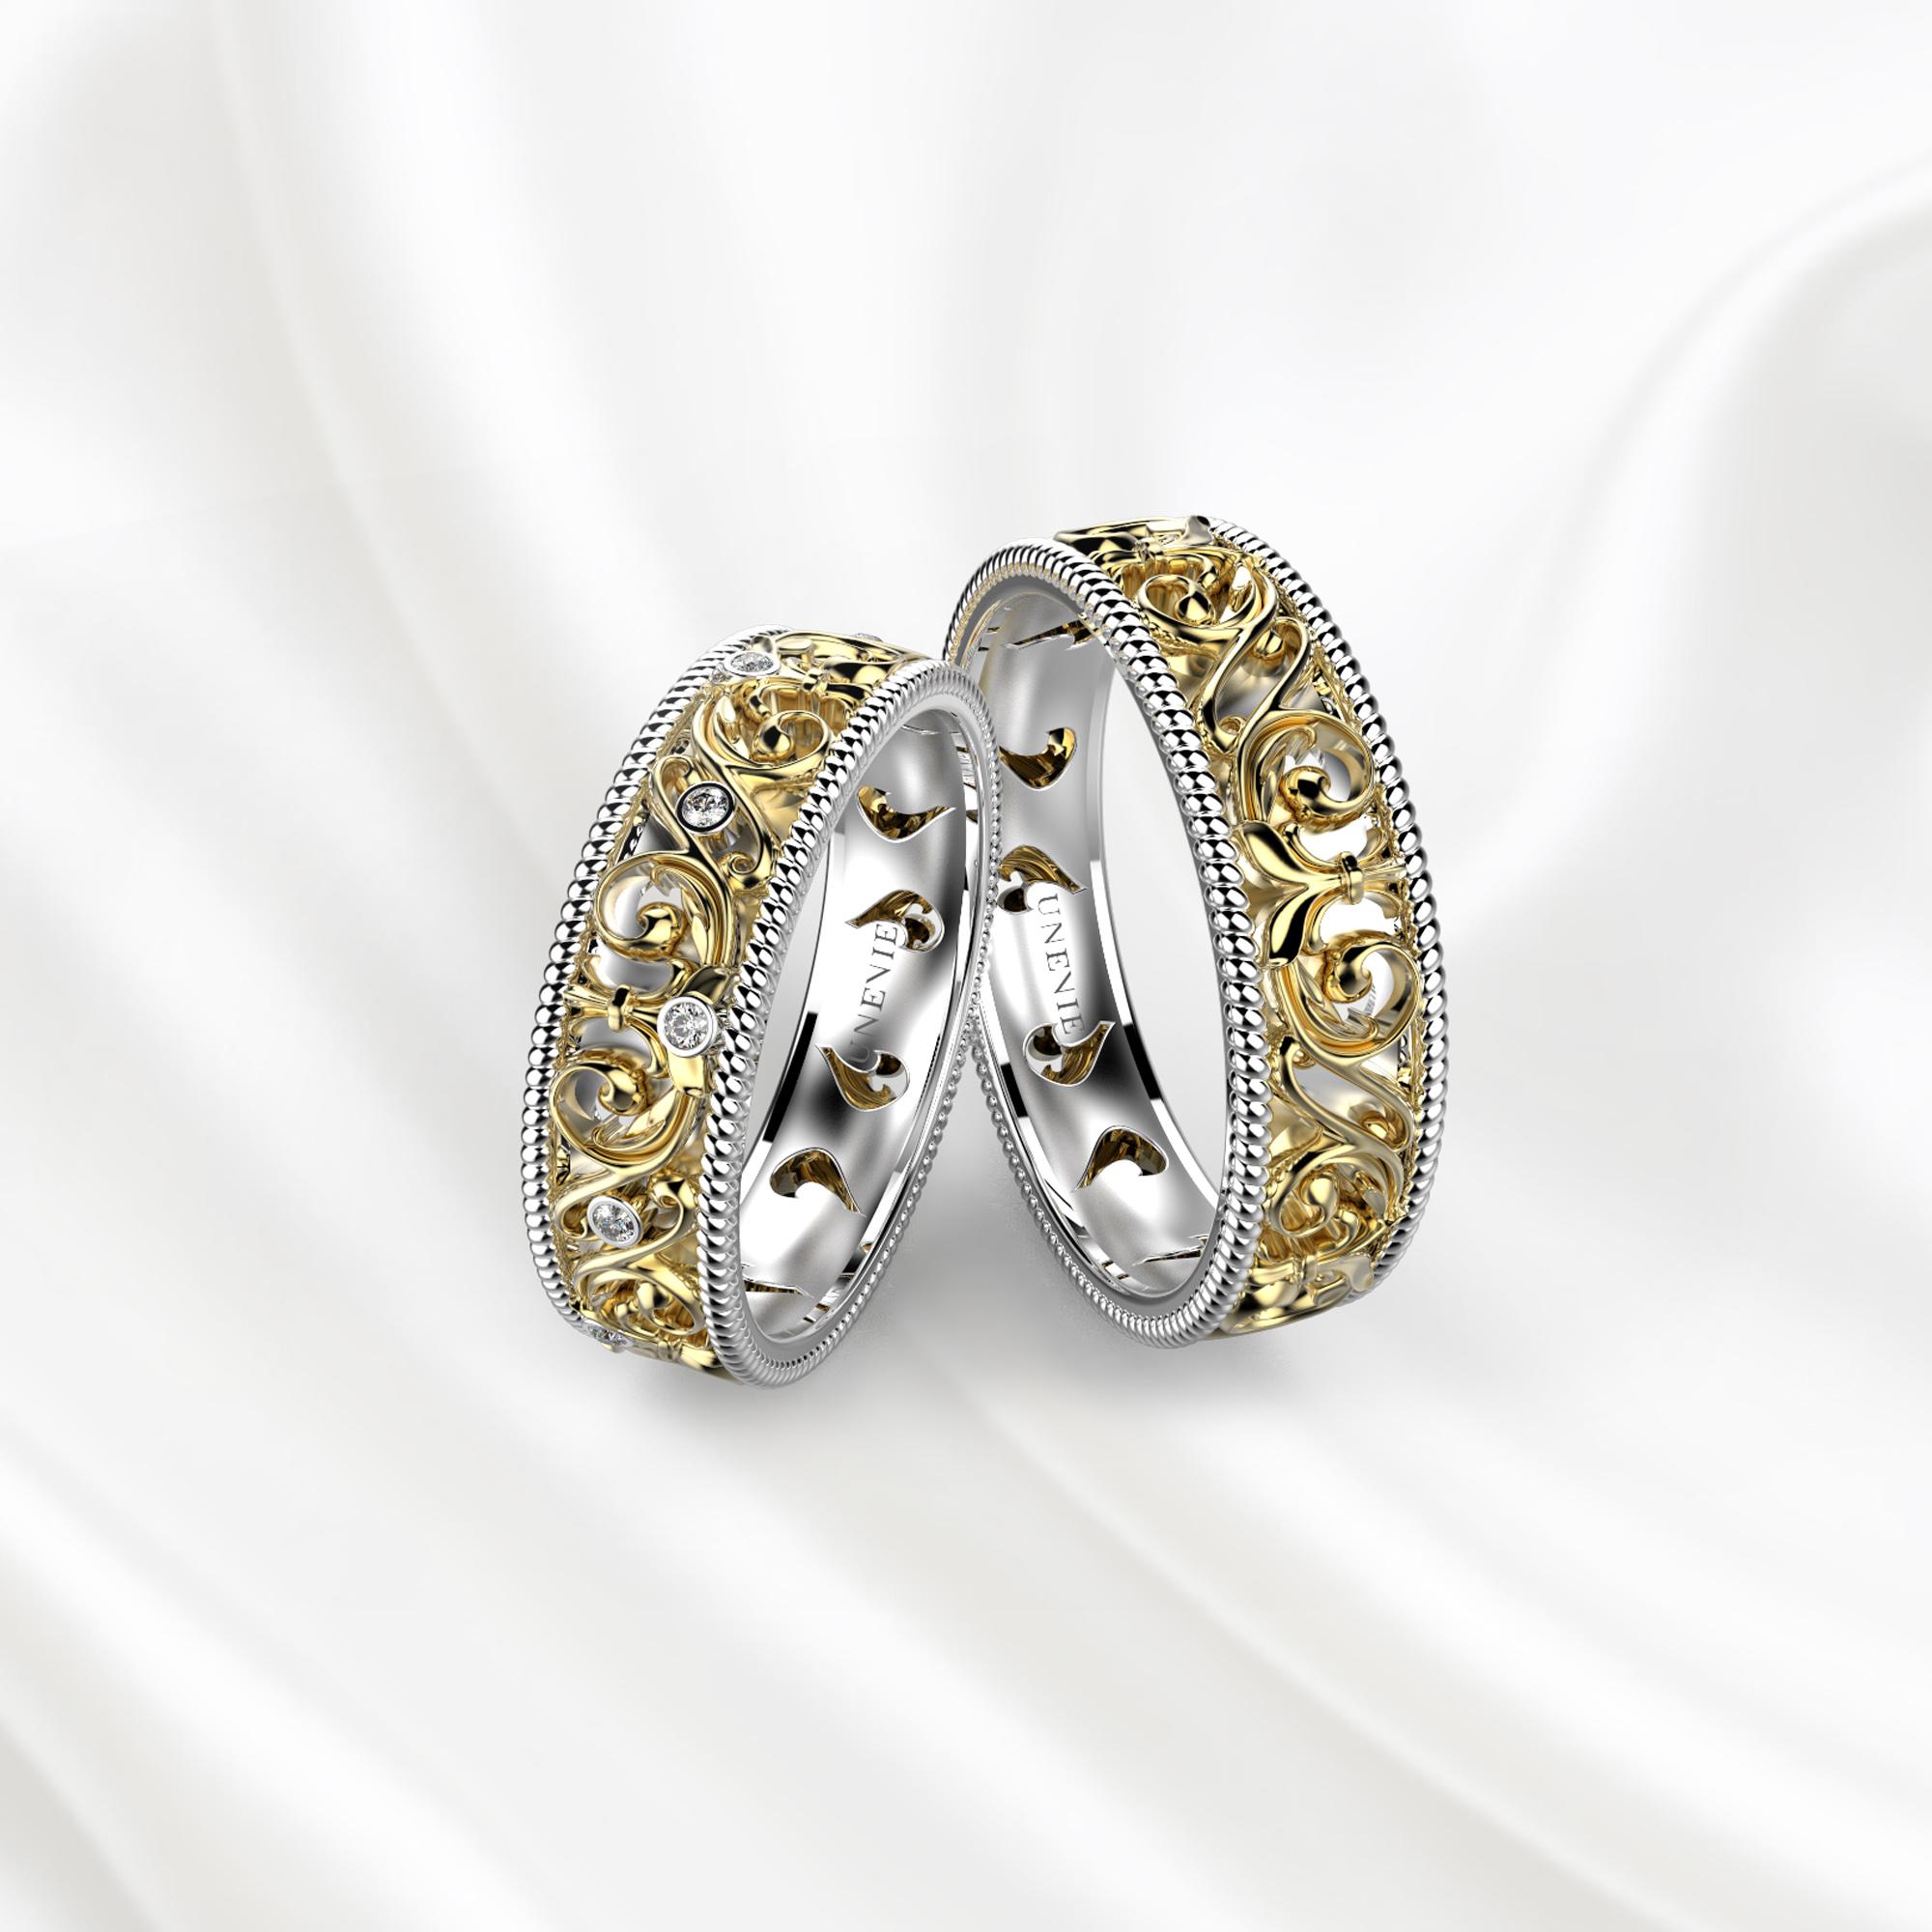 NV28 Обручальные кольца из бело-желтого золота с бриллиантами